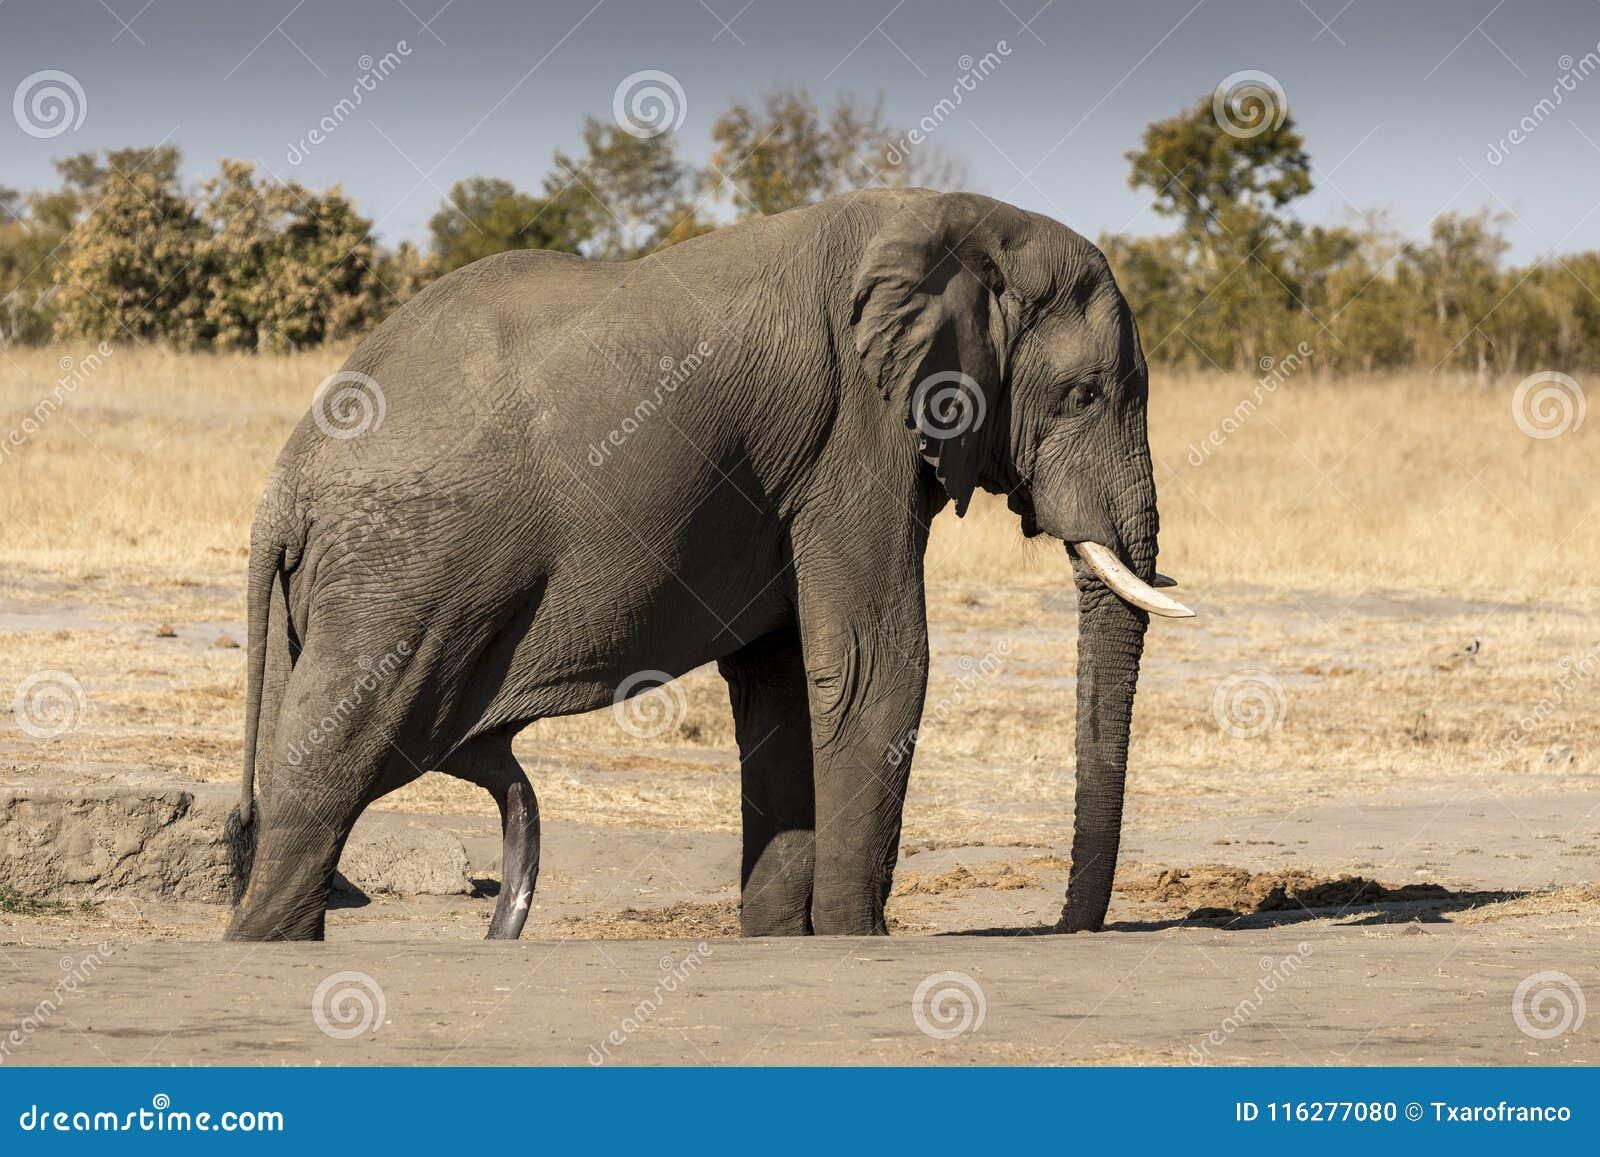 quanto grande è un pene elefanti nero lesbiche infermiera